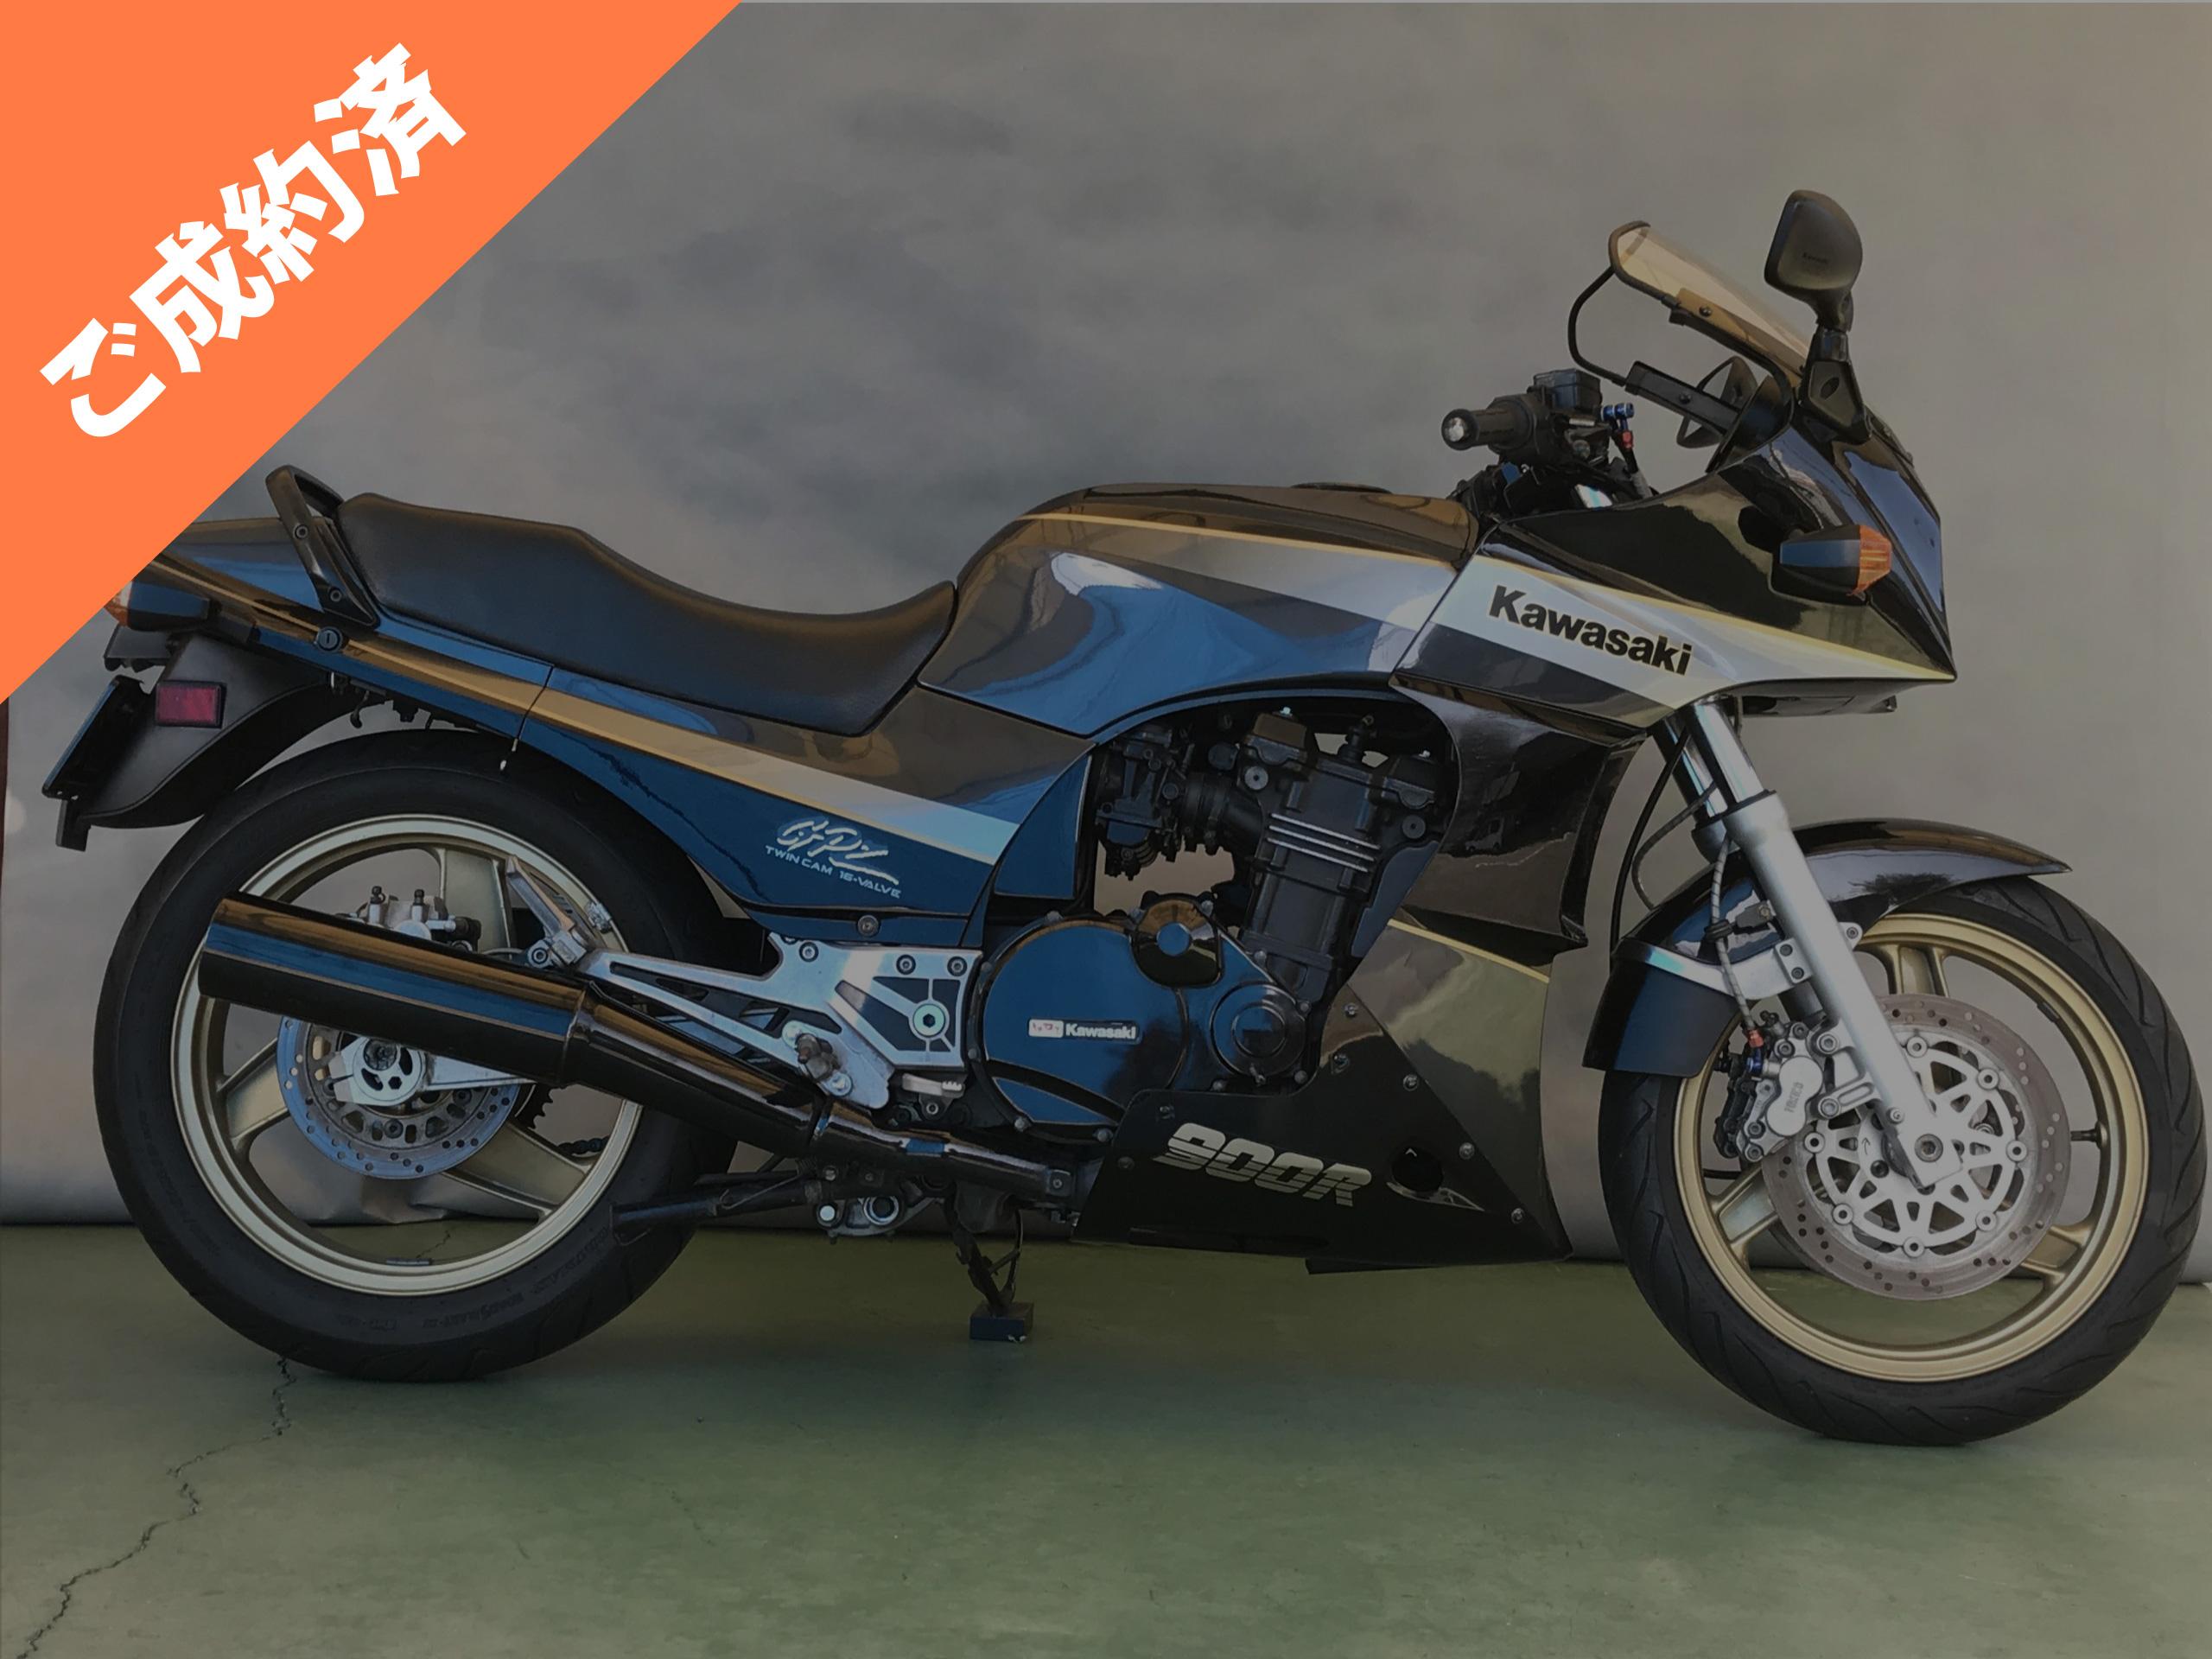 GPZ900R A7車両本体価格:80万円(税別)ご成約済み